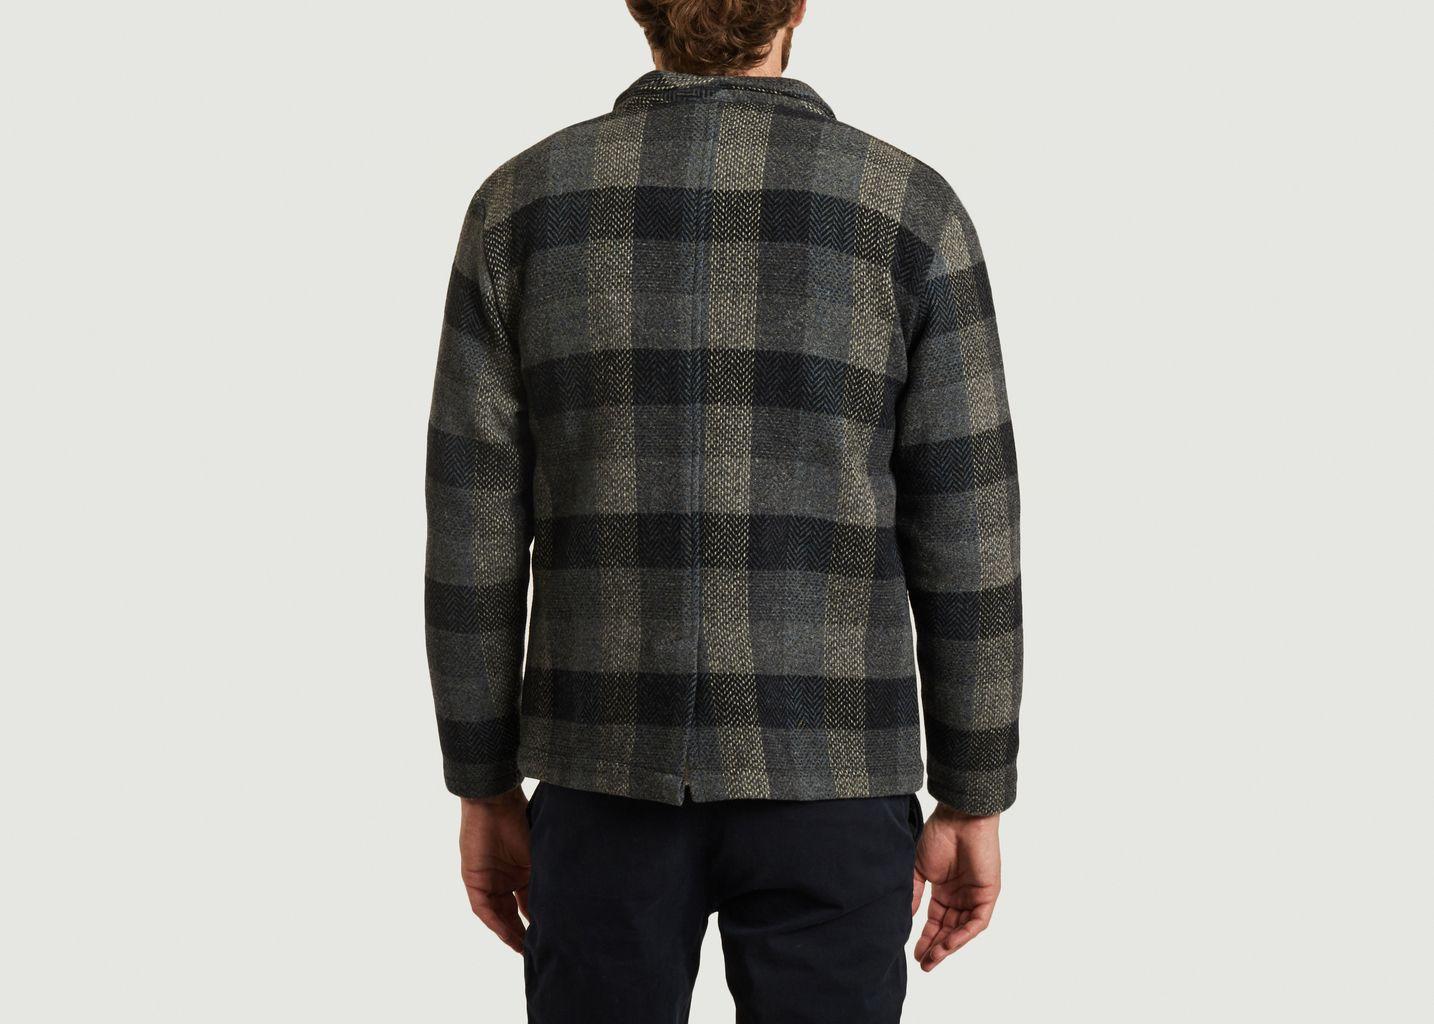 Veste en laine à carreaux 1981 - Olow